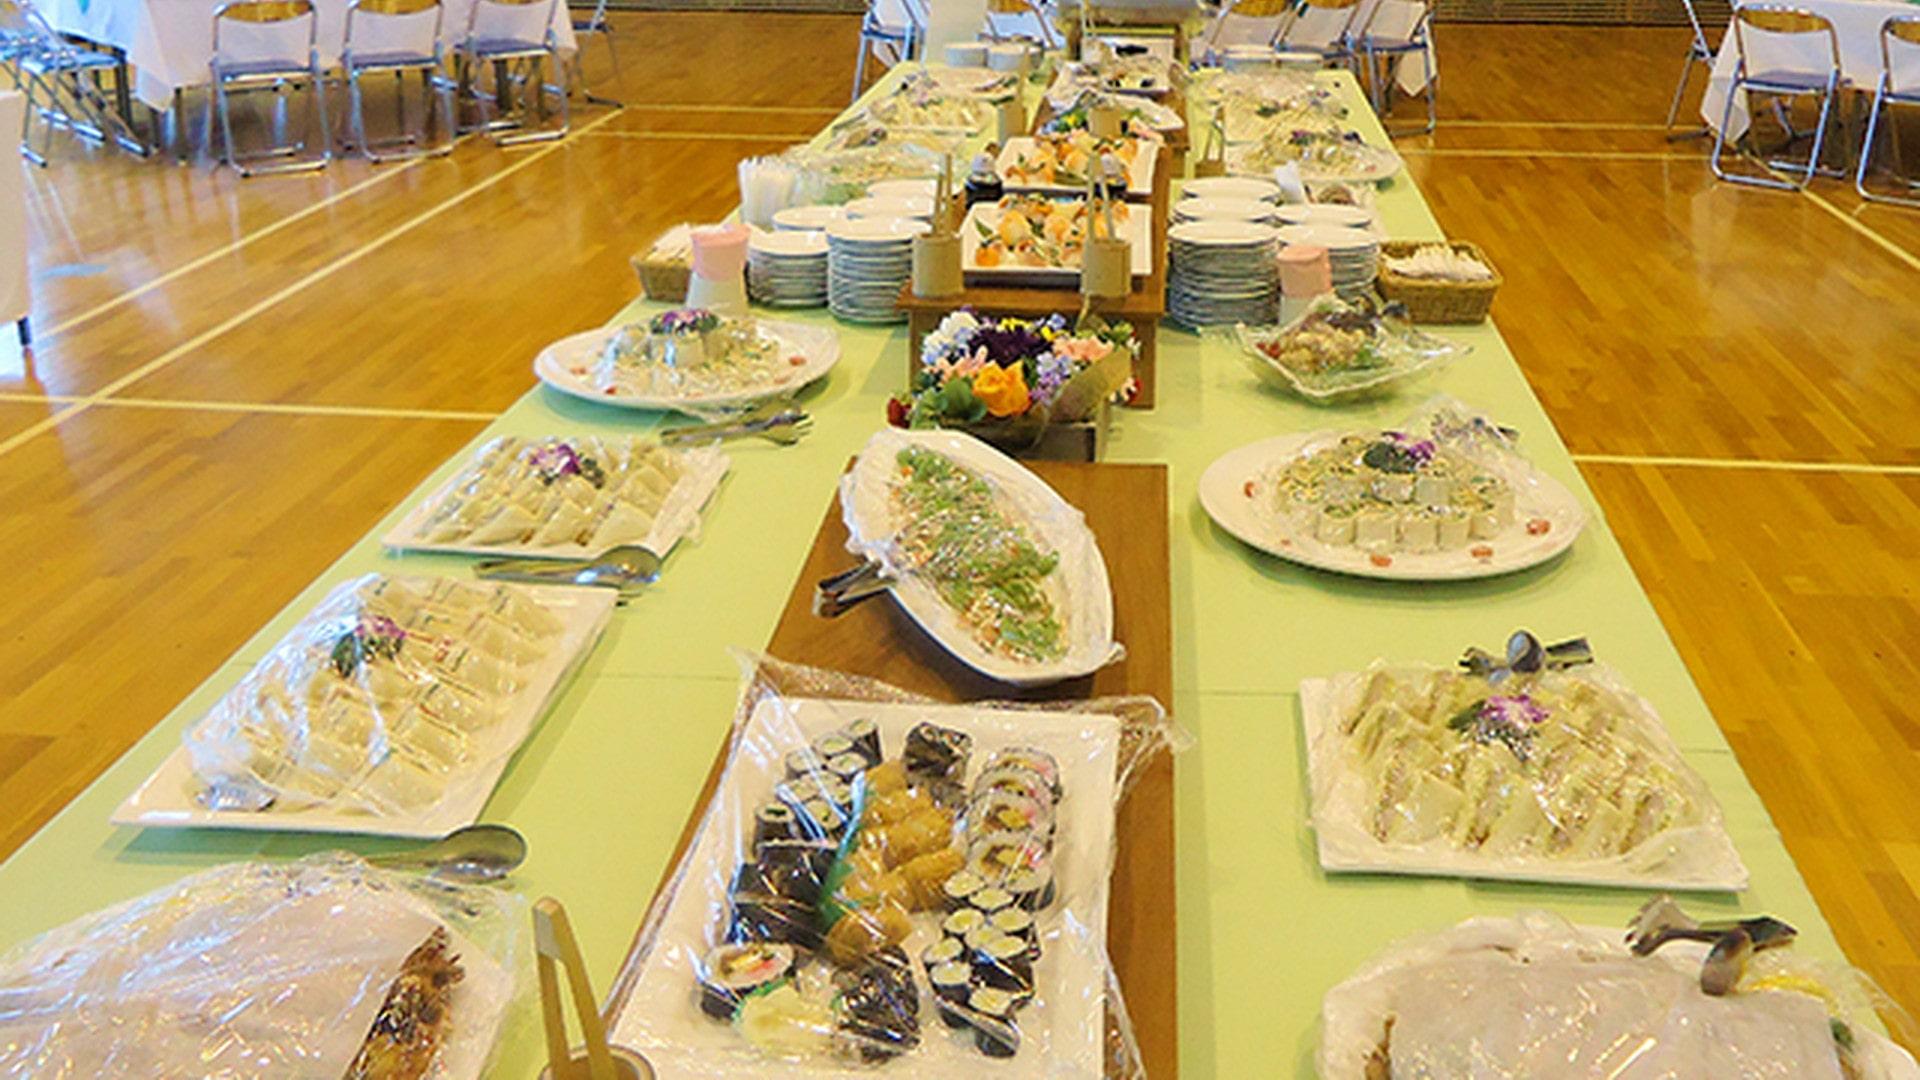 出張ケータリングオリジナル送別会・謝恩会・卒園式・卒業式ビュッフェパーティープラン #2